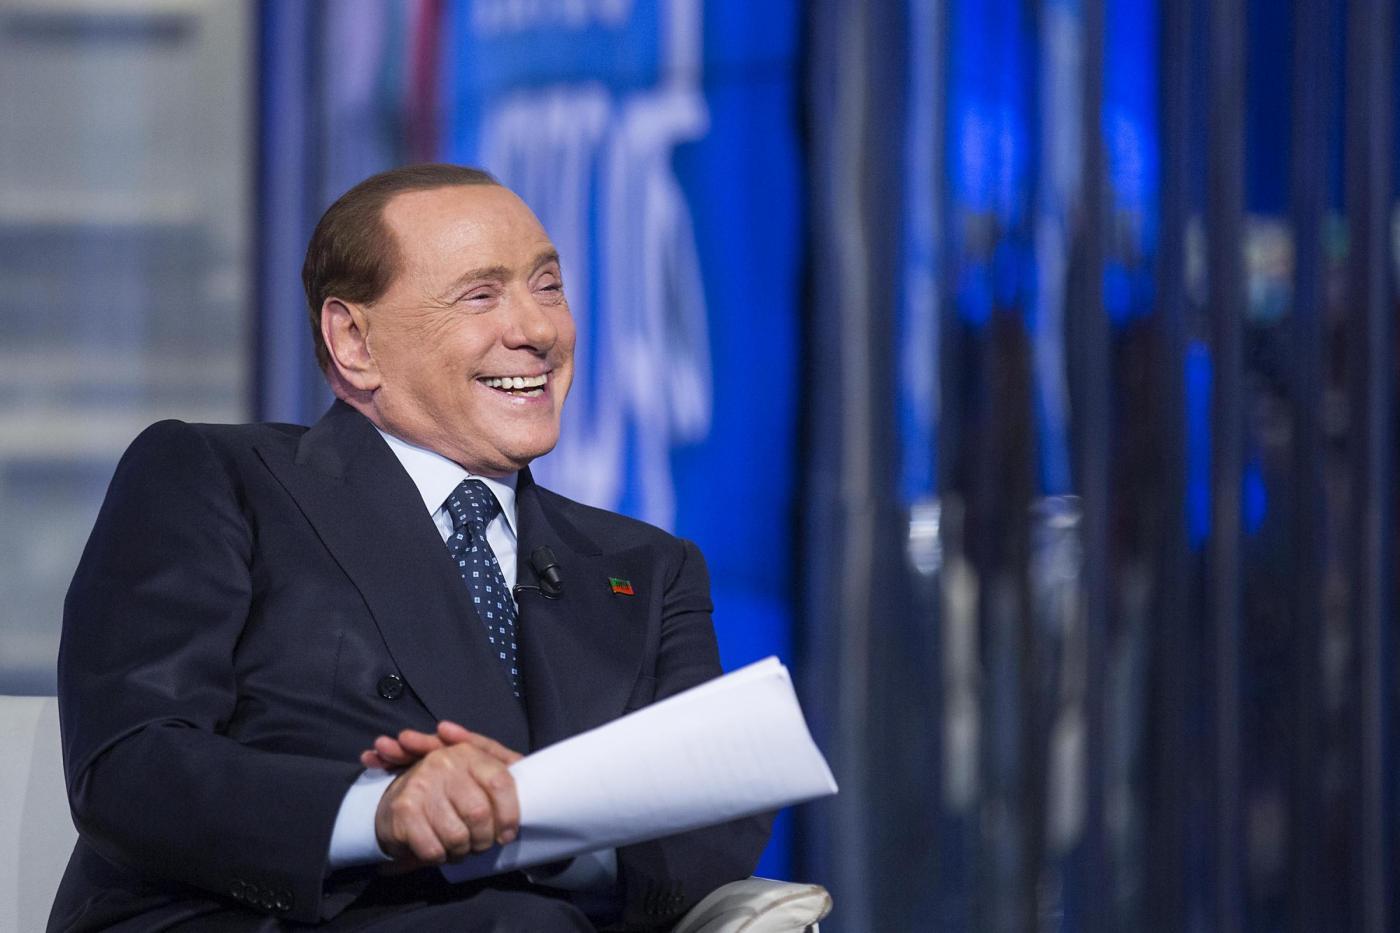 Gaffe di Silvio Berlusconi a Porta a Porta: chiama Bruno Vespa 'dottor Fede'